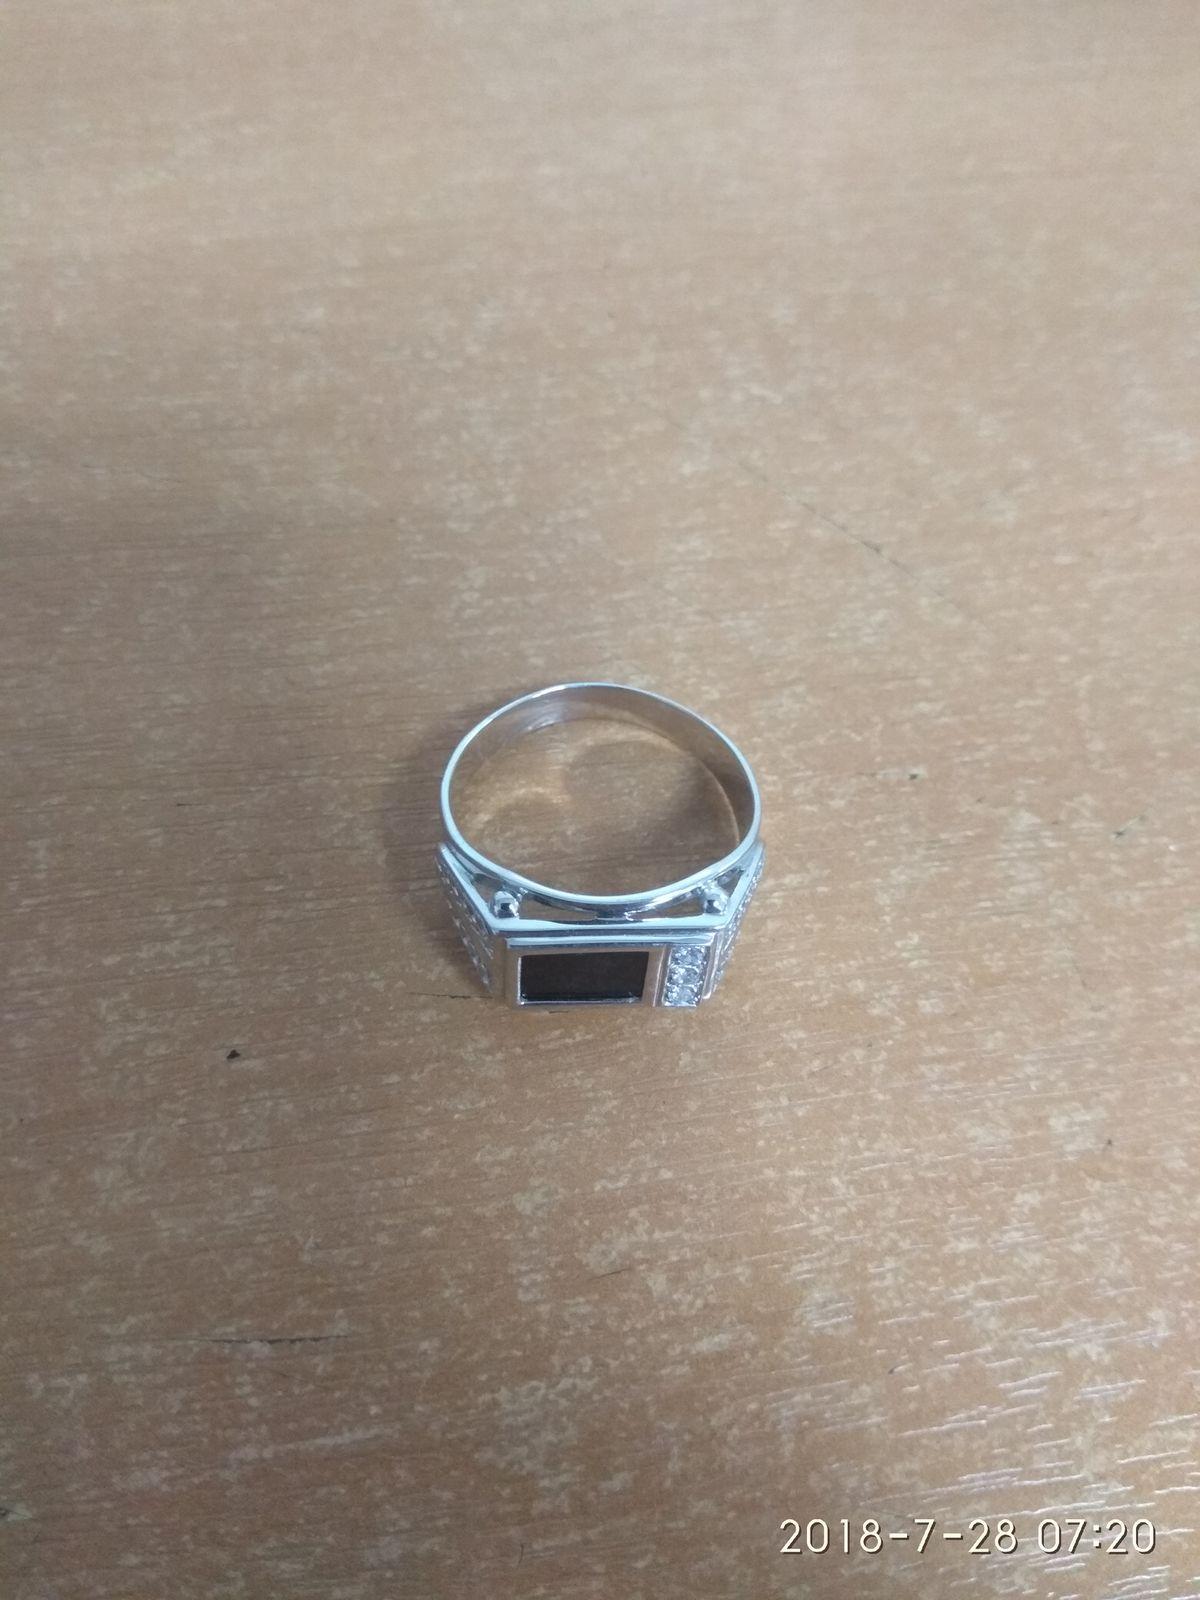 Приобрел кольцо